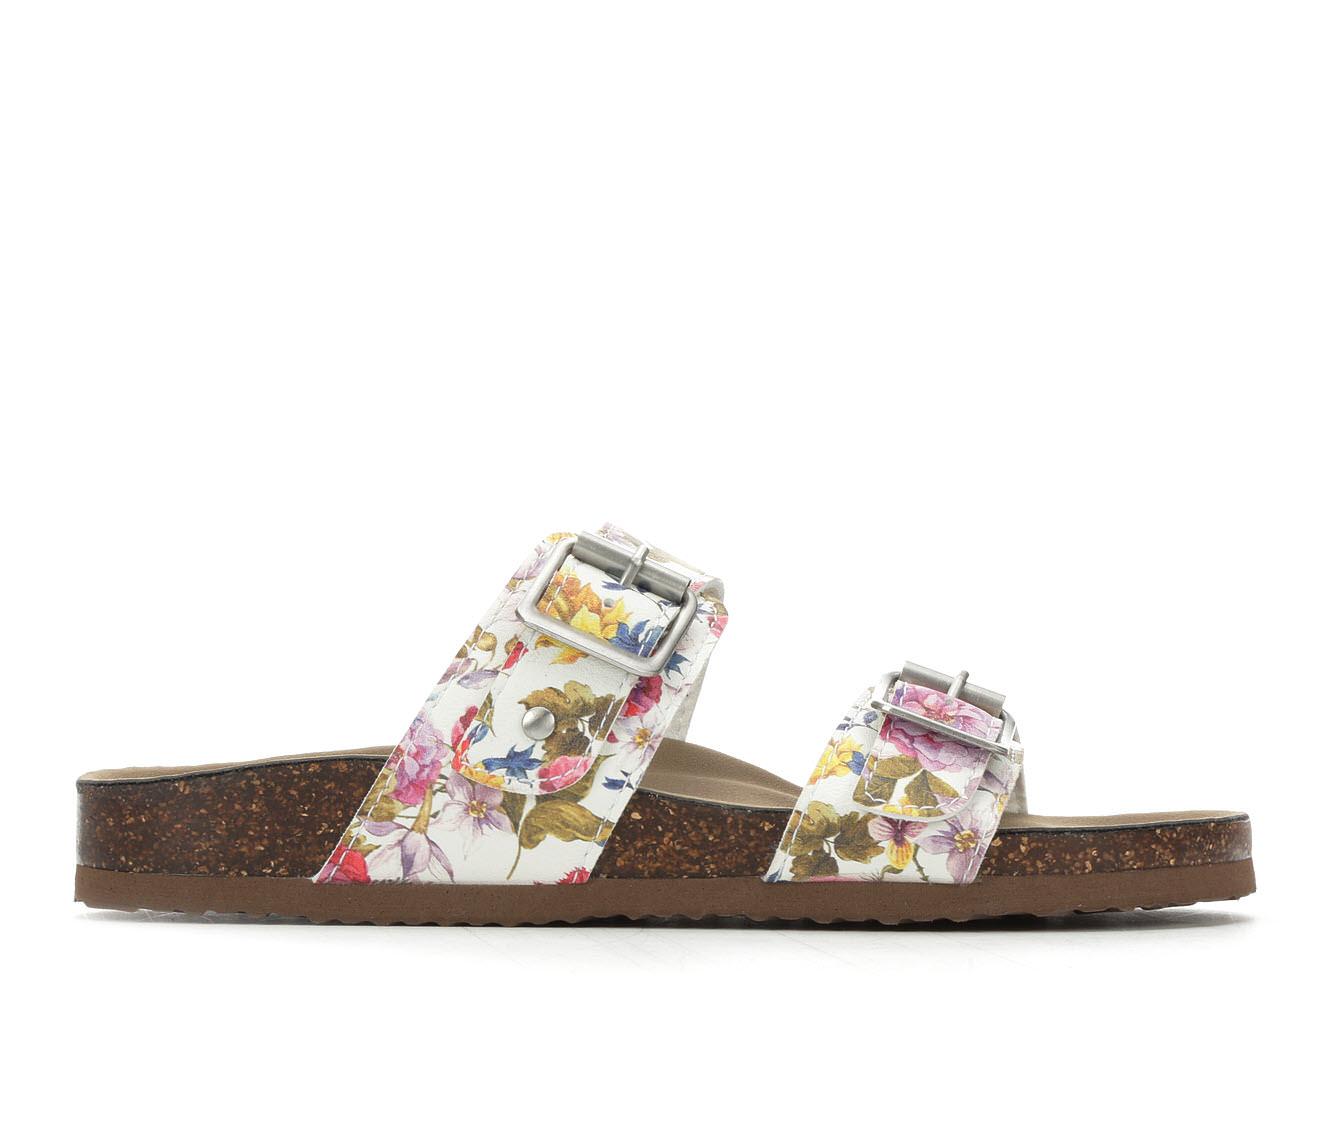 Madden Girl Brando Women's Sandal (White Faux Leather)